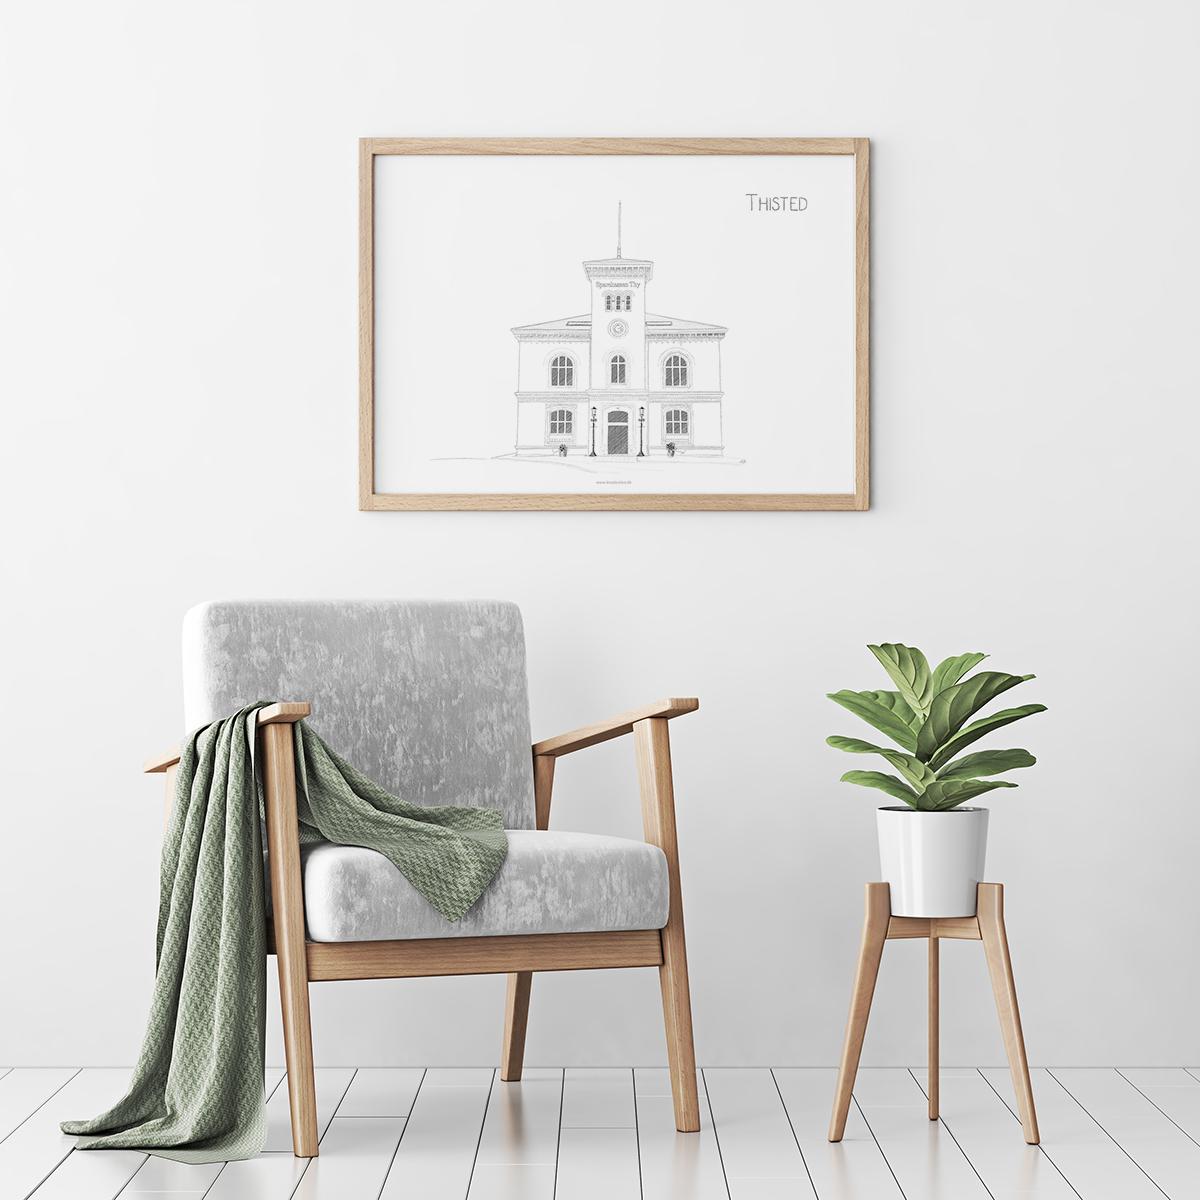 Nomineret til Thisted Kommunes bygningspræmie 2020